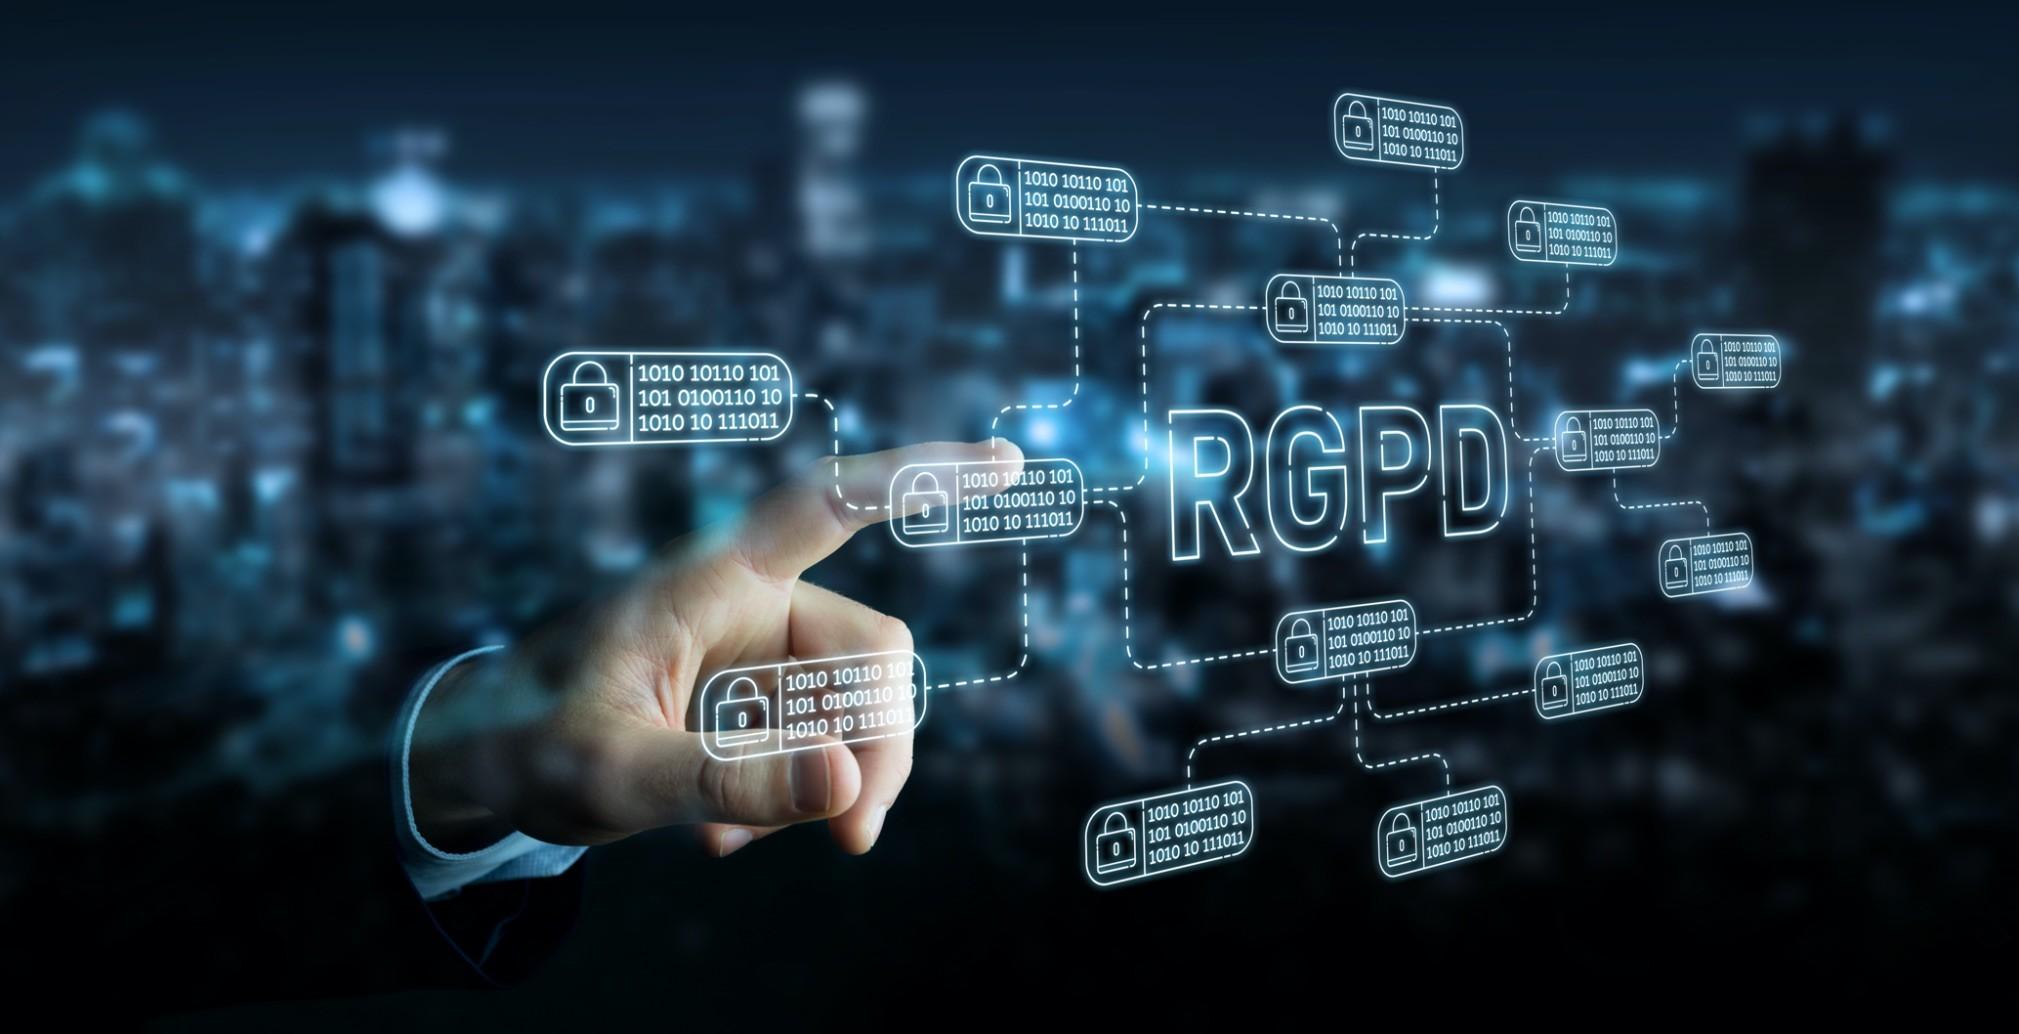 Rencontre CNIL – Règlement Général sur la Protection des Données Personnelles (RGPD) : comment assurer une mise en conformité globale ?